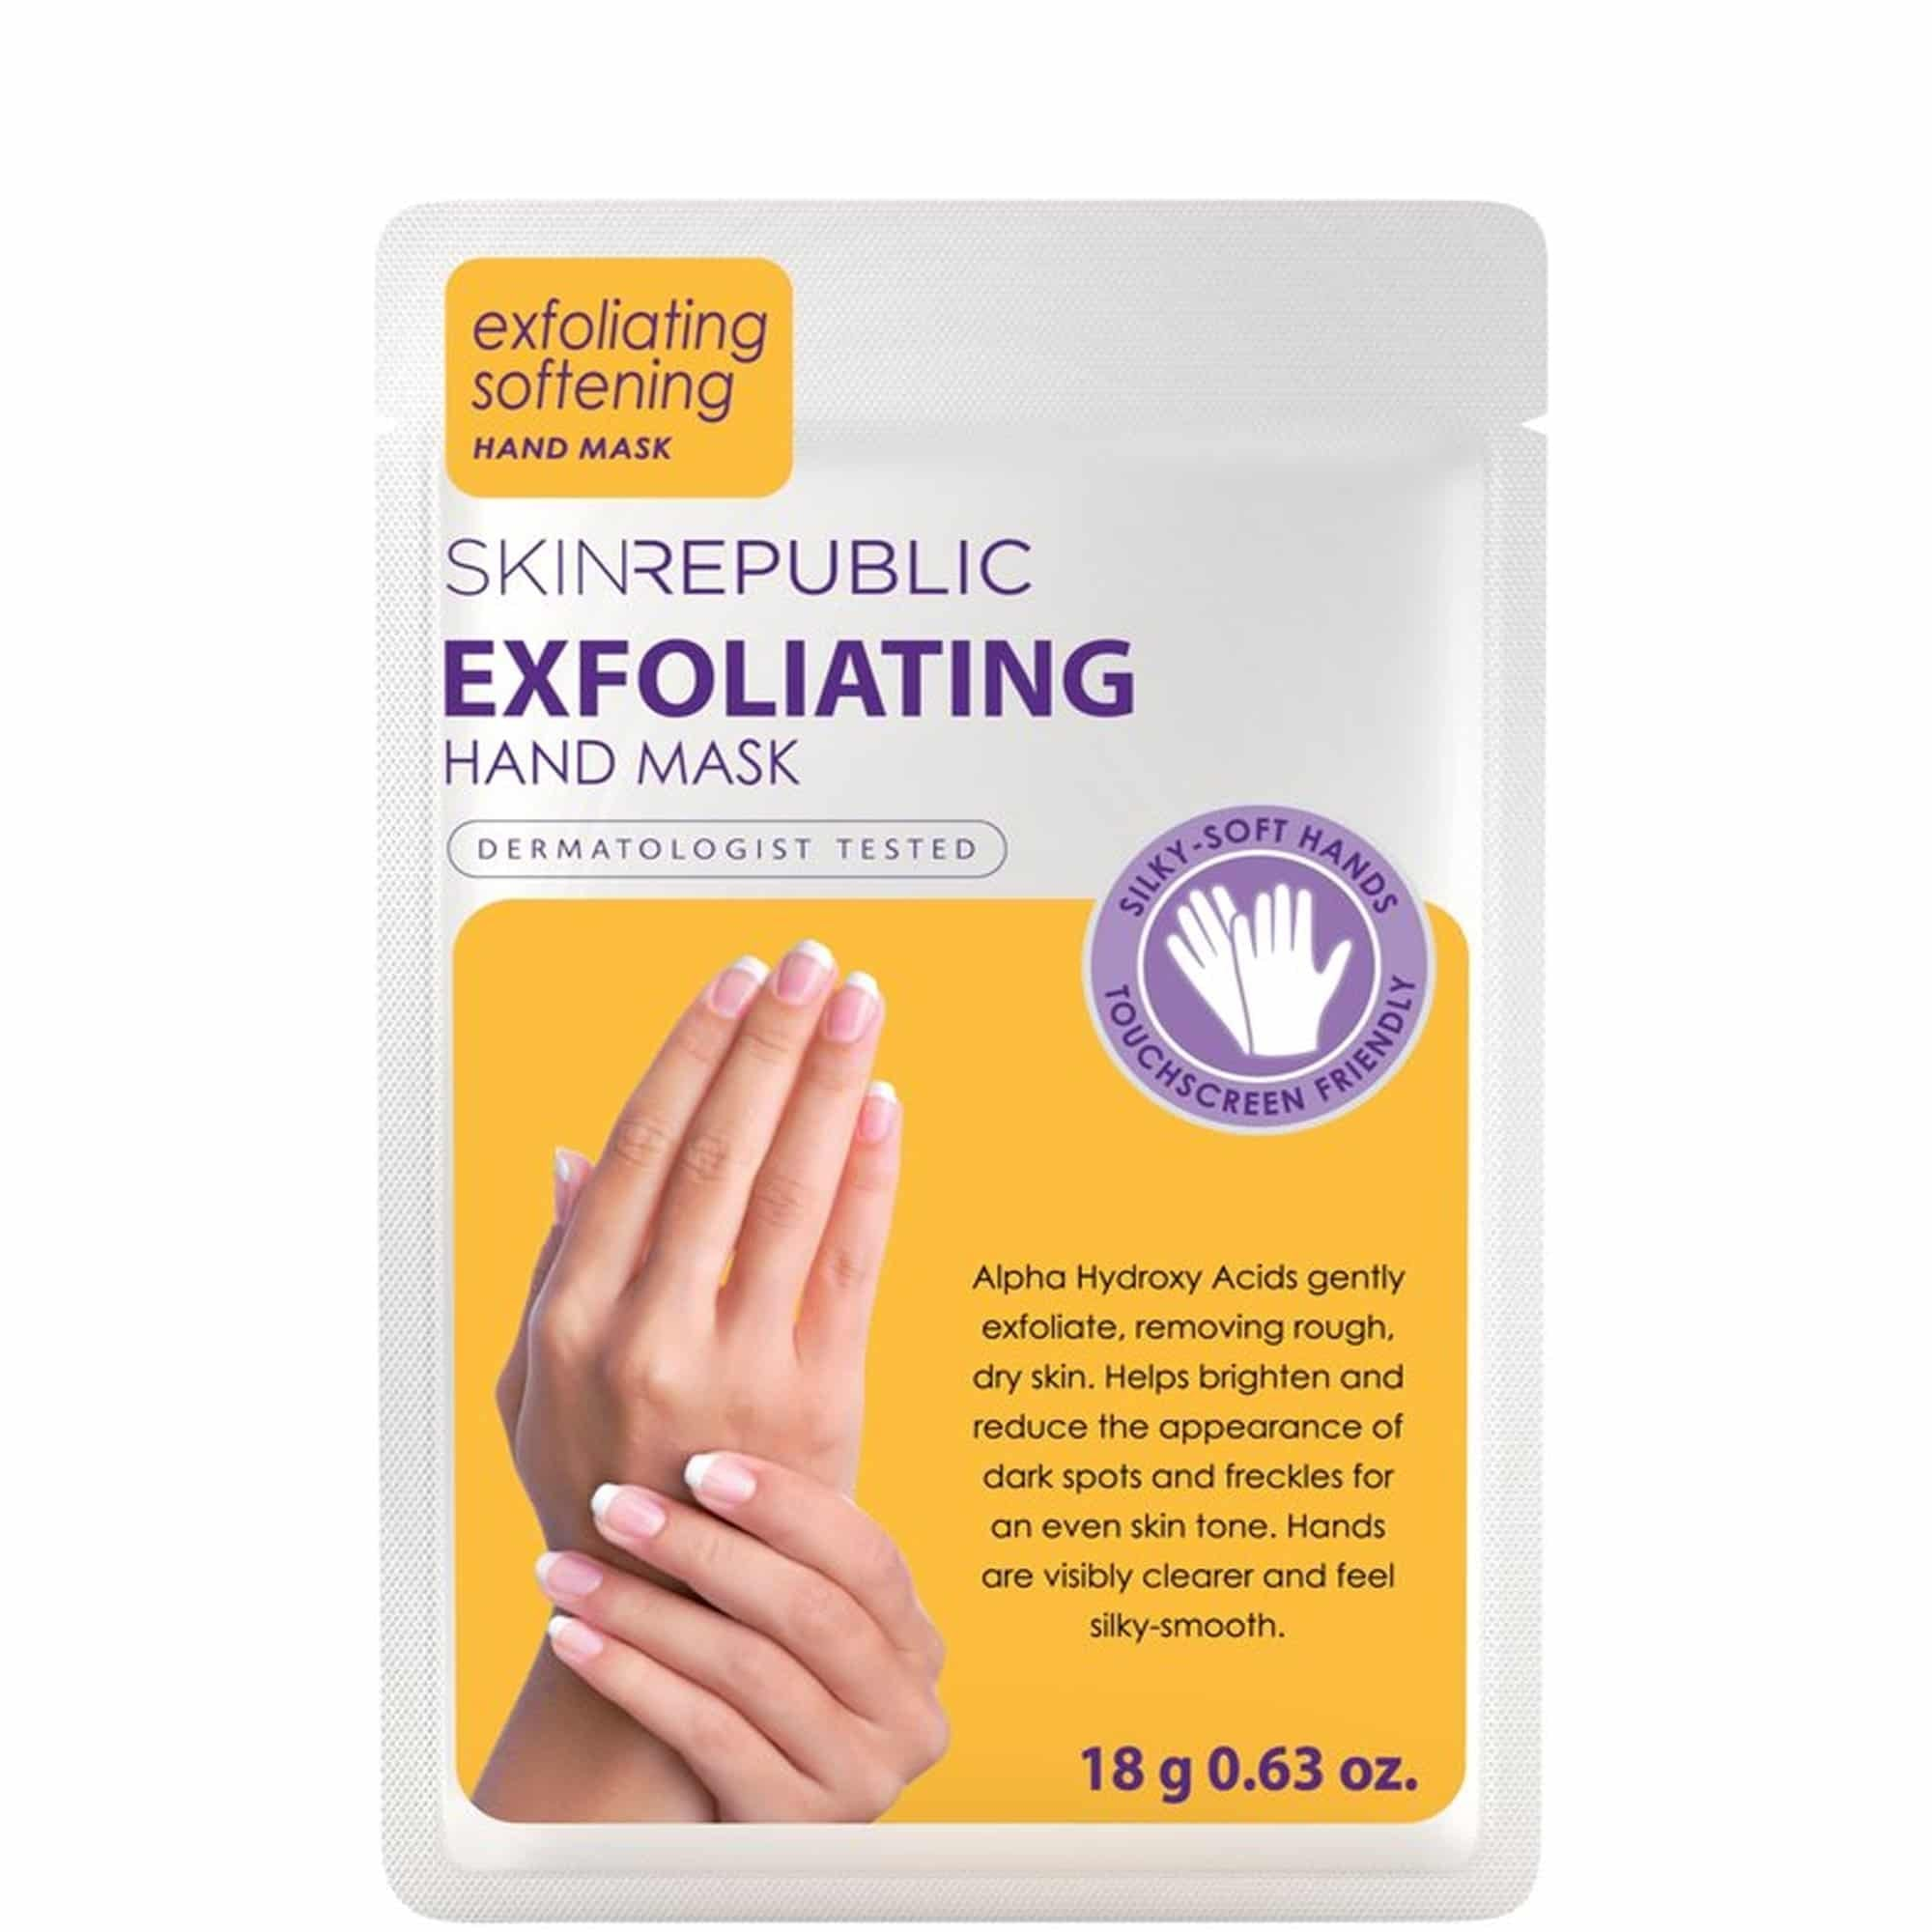 Exfoliating Softening Hand Mask - Exfoliating Hand Mask (63960) 18g